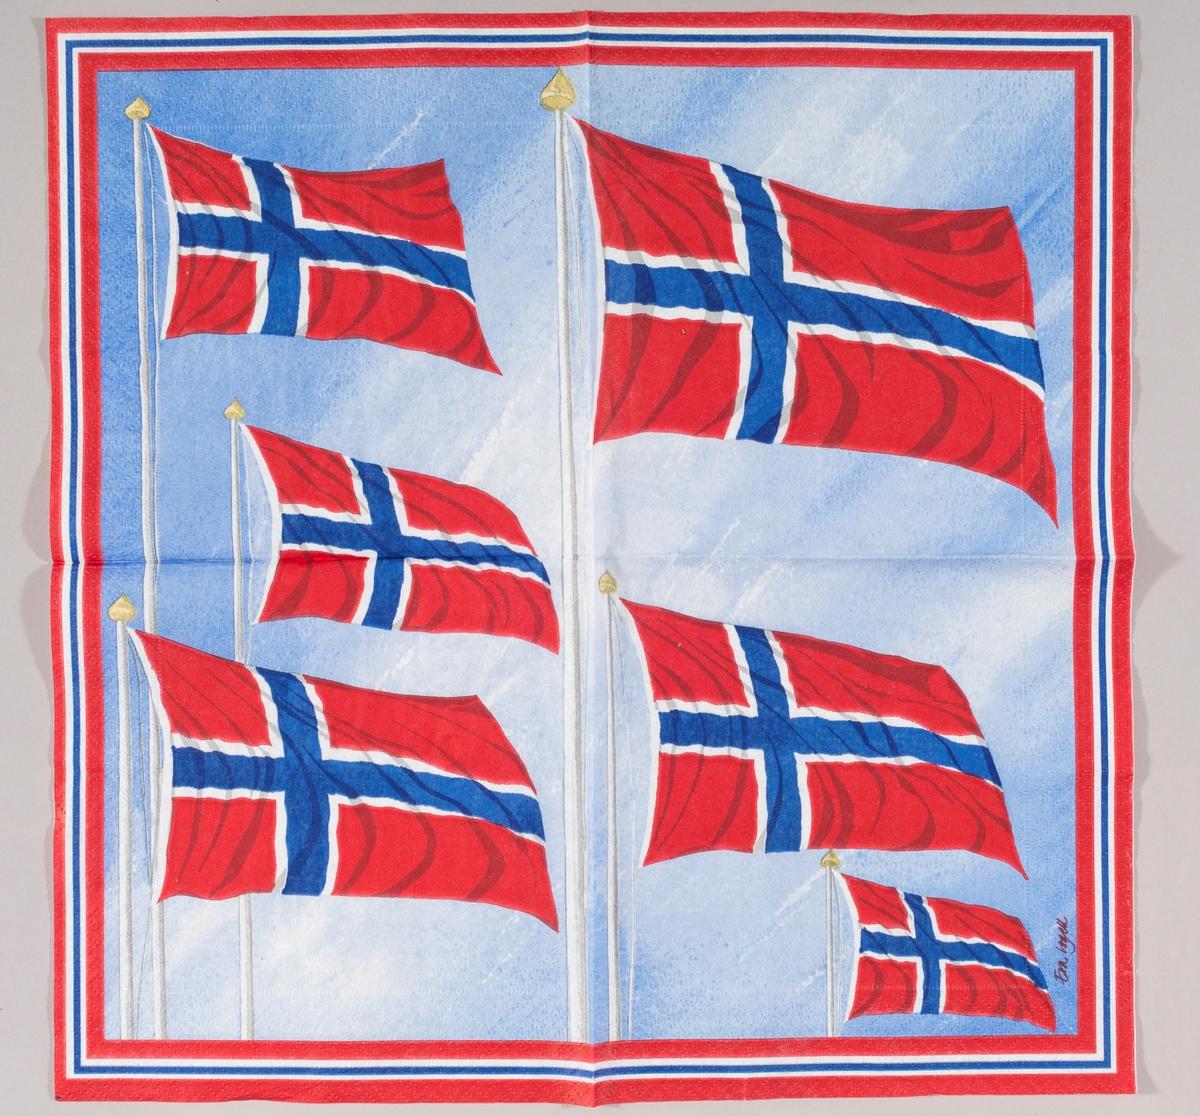 Norske flagg som flagrer i vinden mot en blå himmel. Kant med fargene blå, hvit og rød.